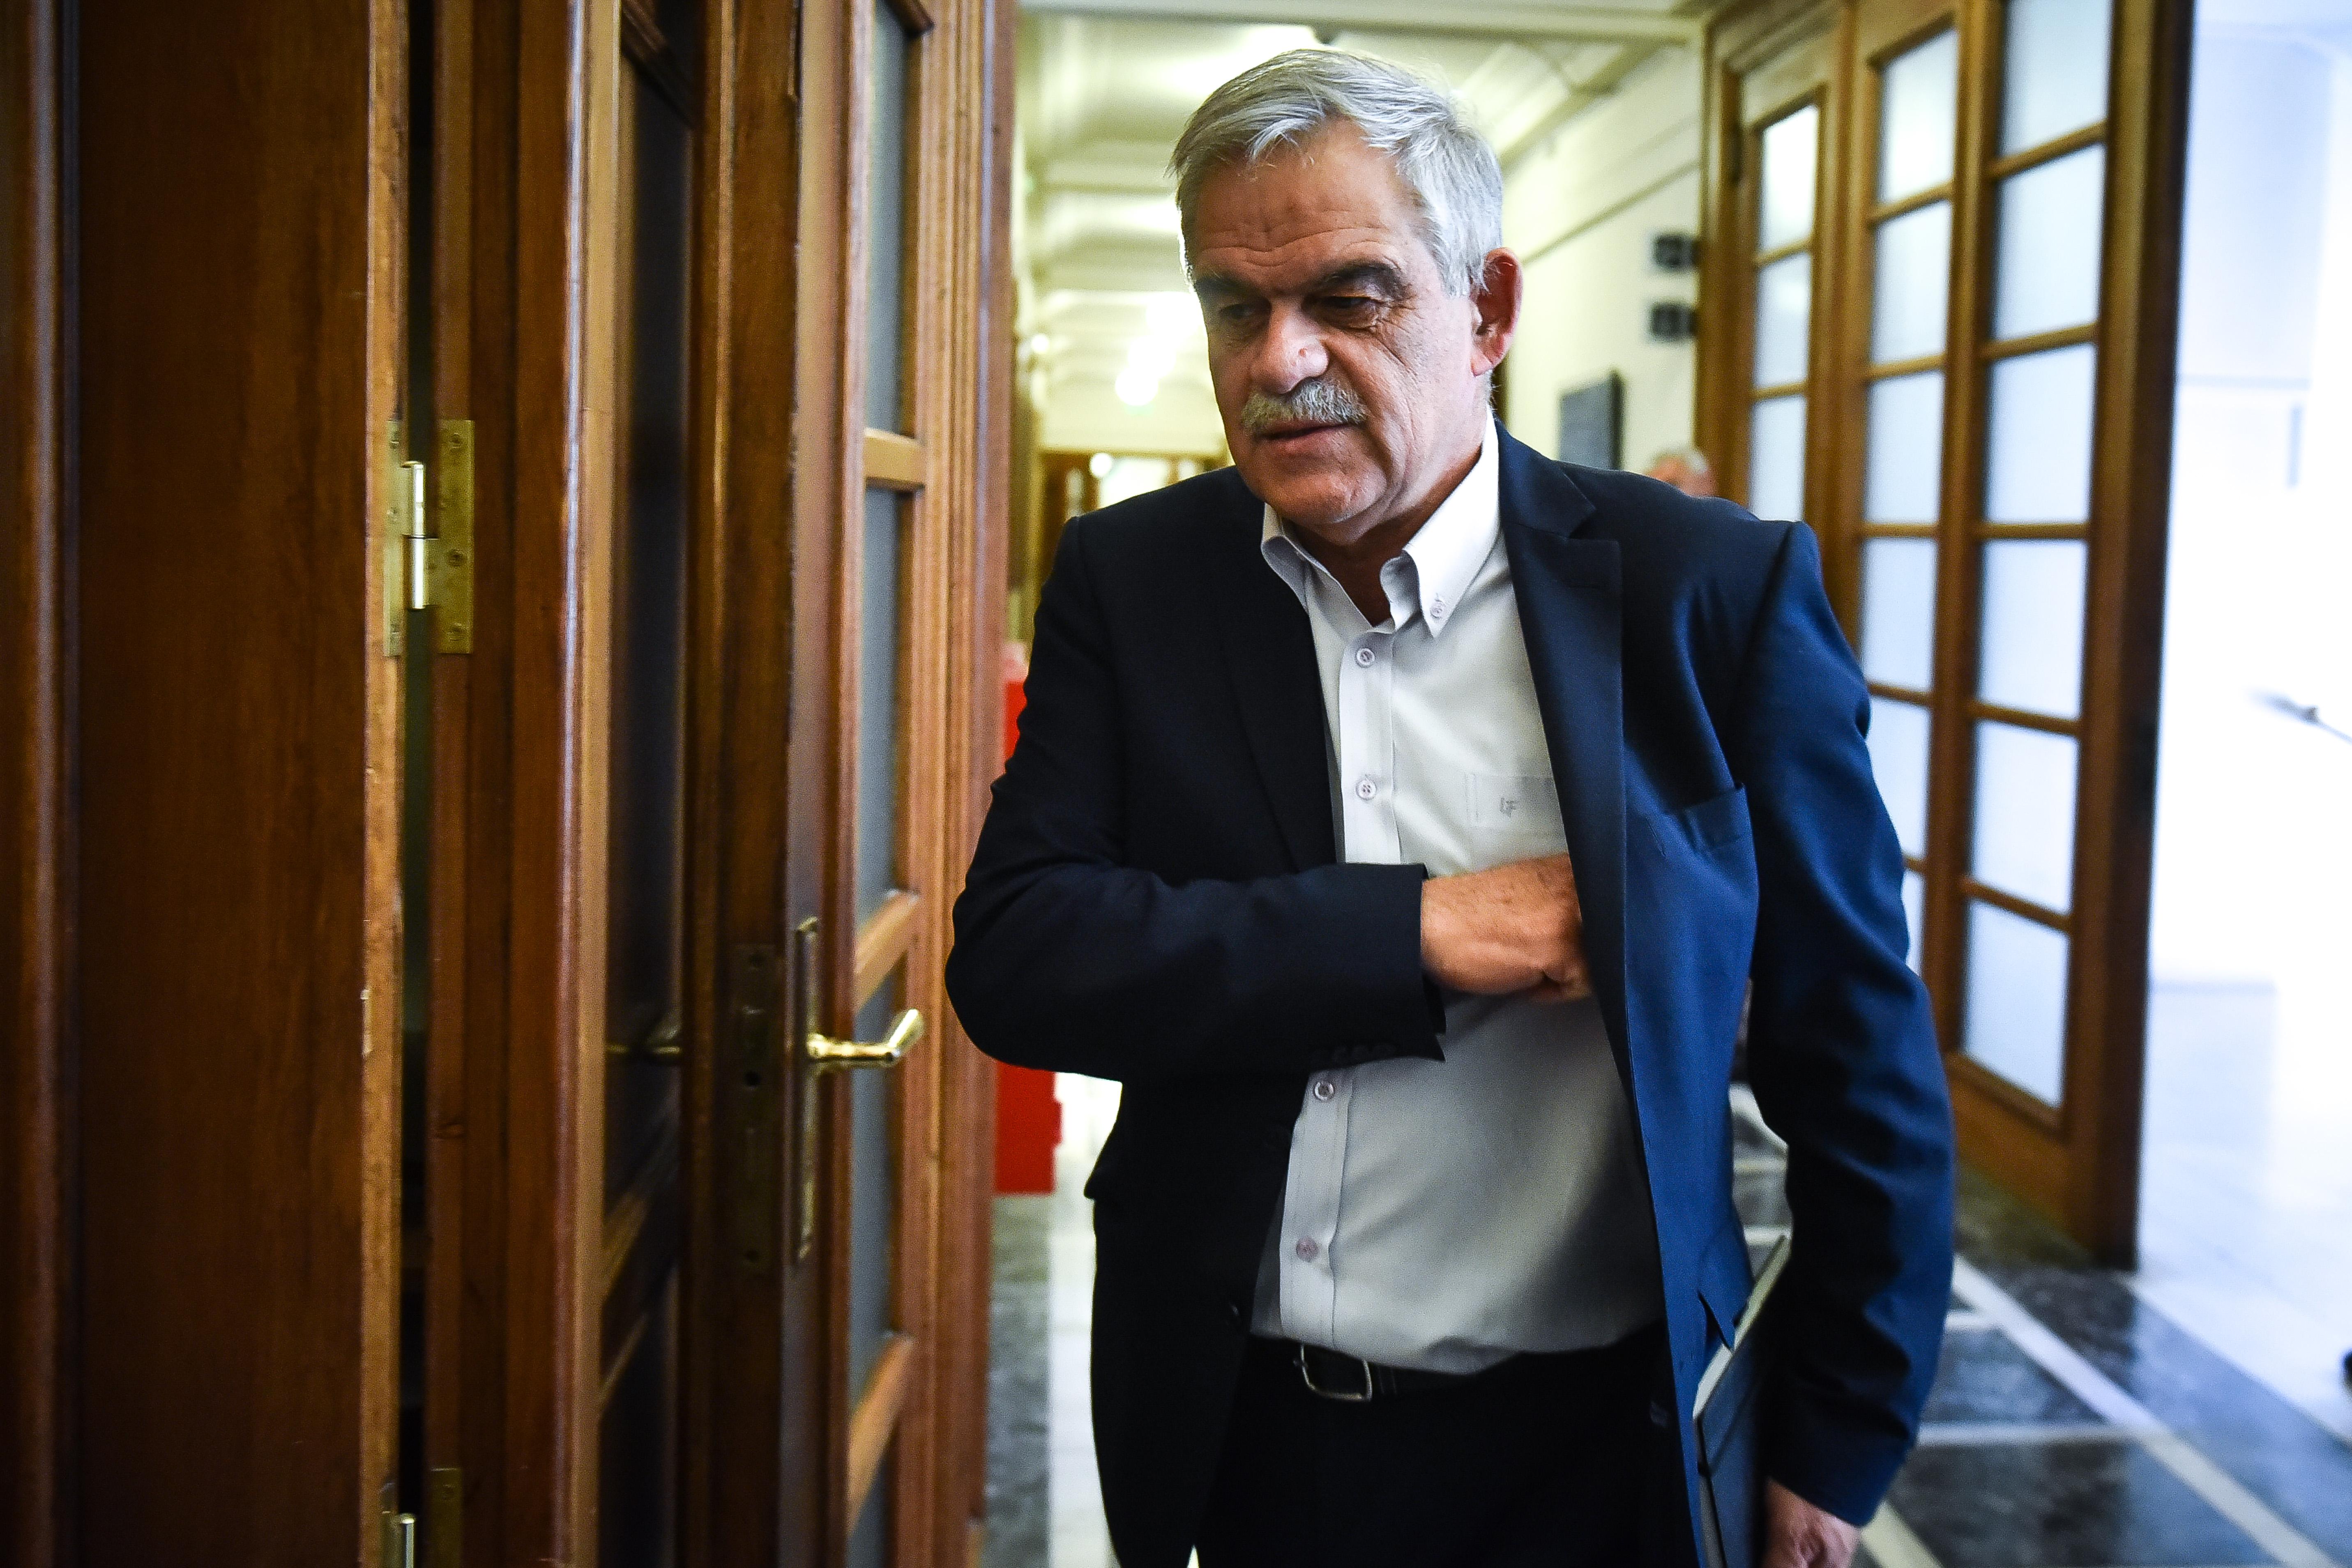 Έγινε δεκτή η παραίτηση του Νίκου Τόσκα | tovima.gr